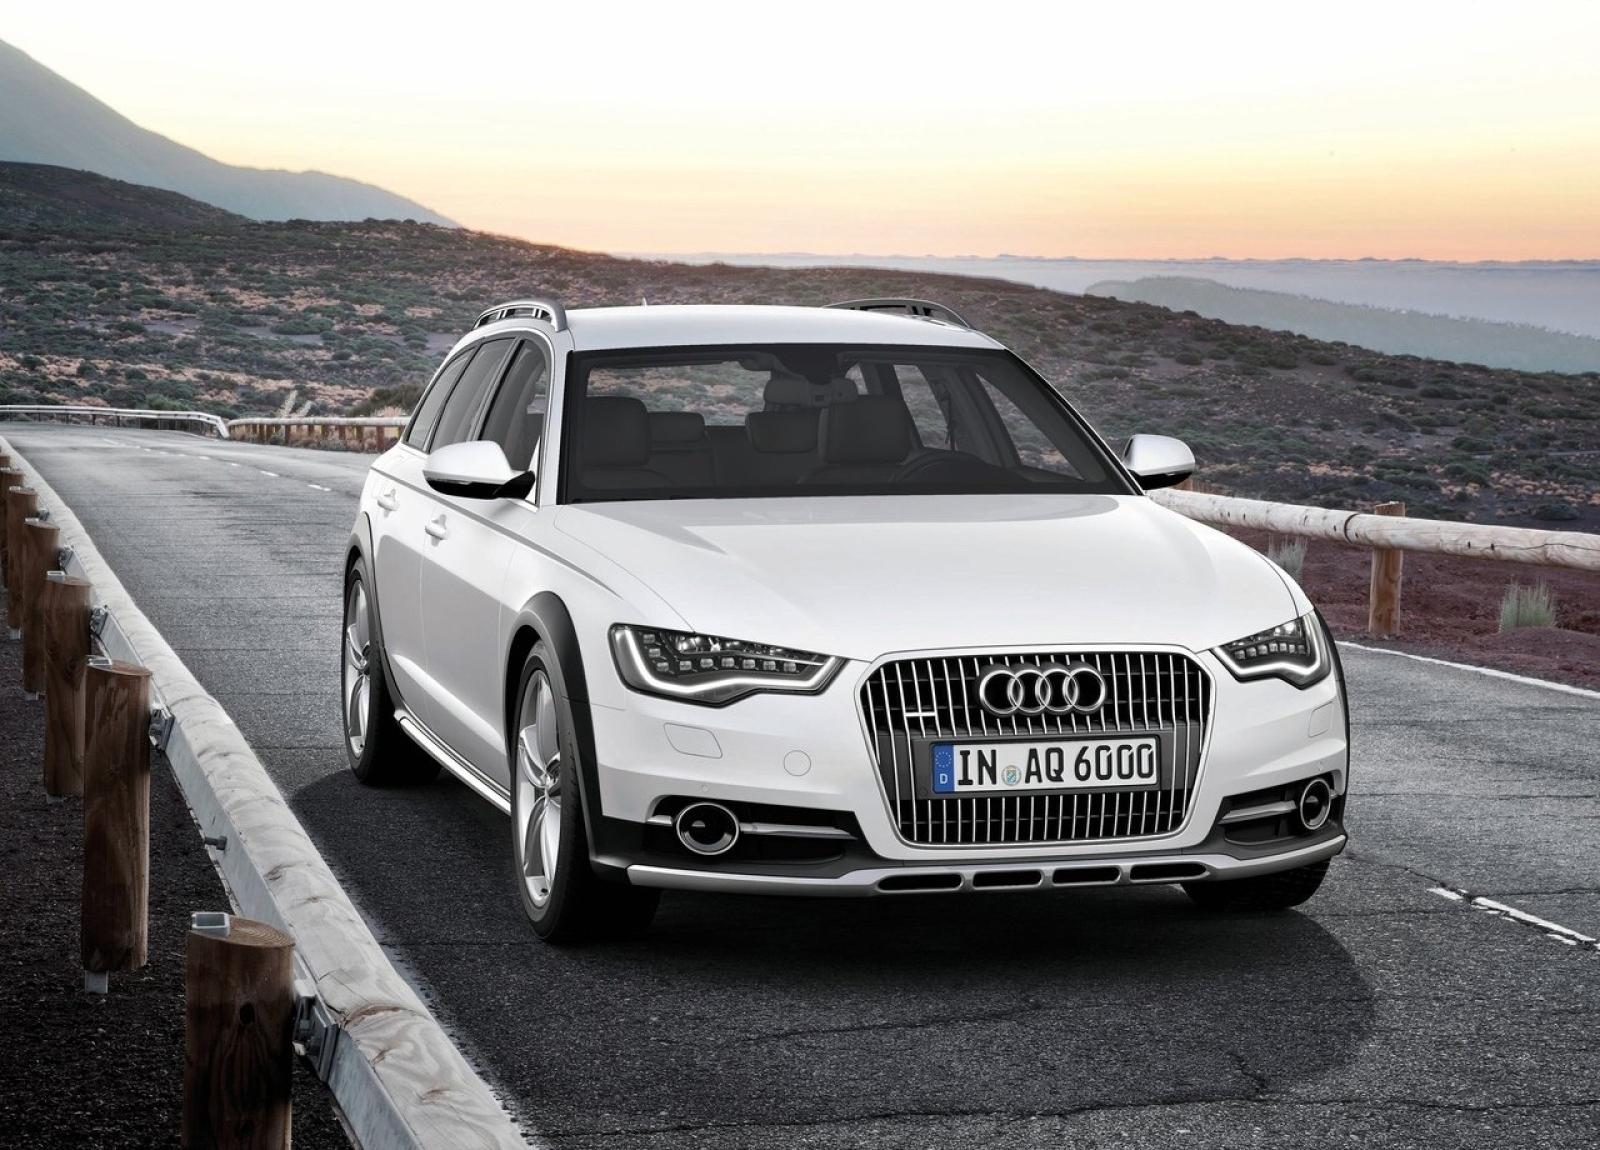 http://2.bp.blogspot.com/-v6s66wDDe5g/T6ZPQD2-TZI/AAAAAAAAGTY/TunVXgDJ3CU/s1600/Audi-2013_A6_allroad_quattro_wallpaper-1600x1200_0004.jpg